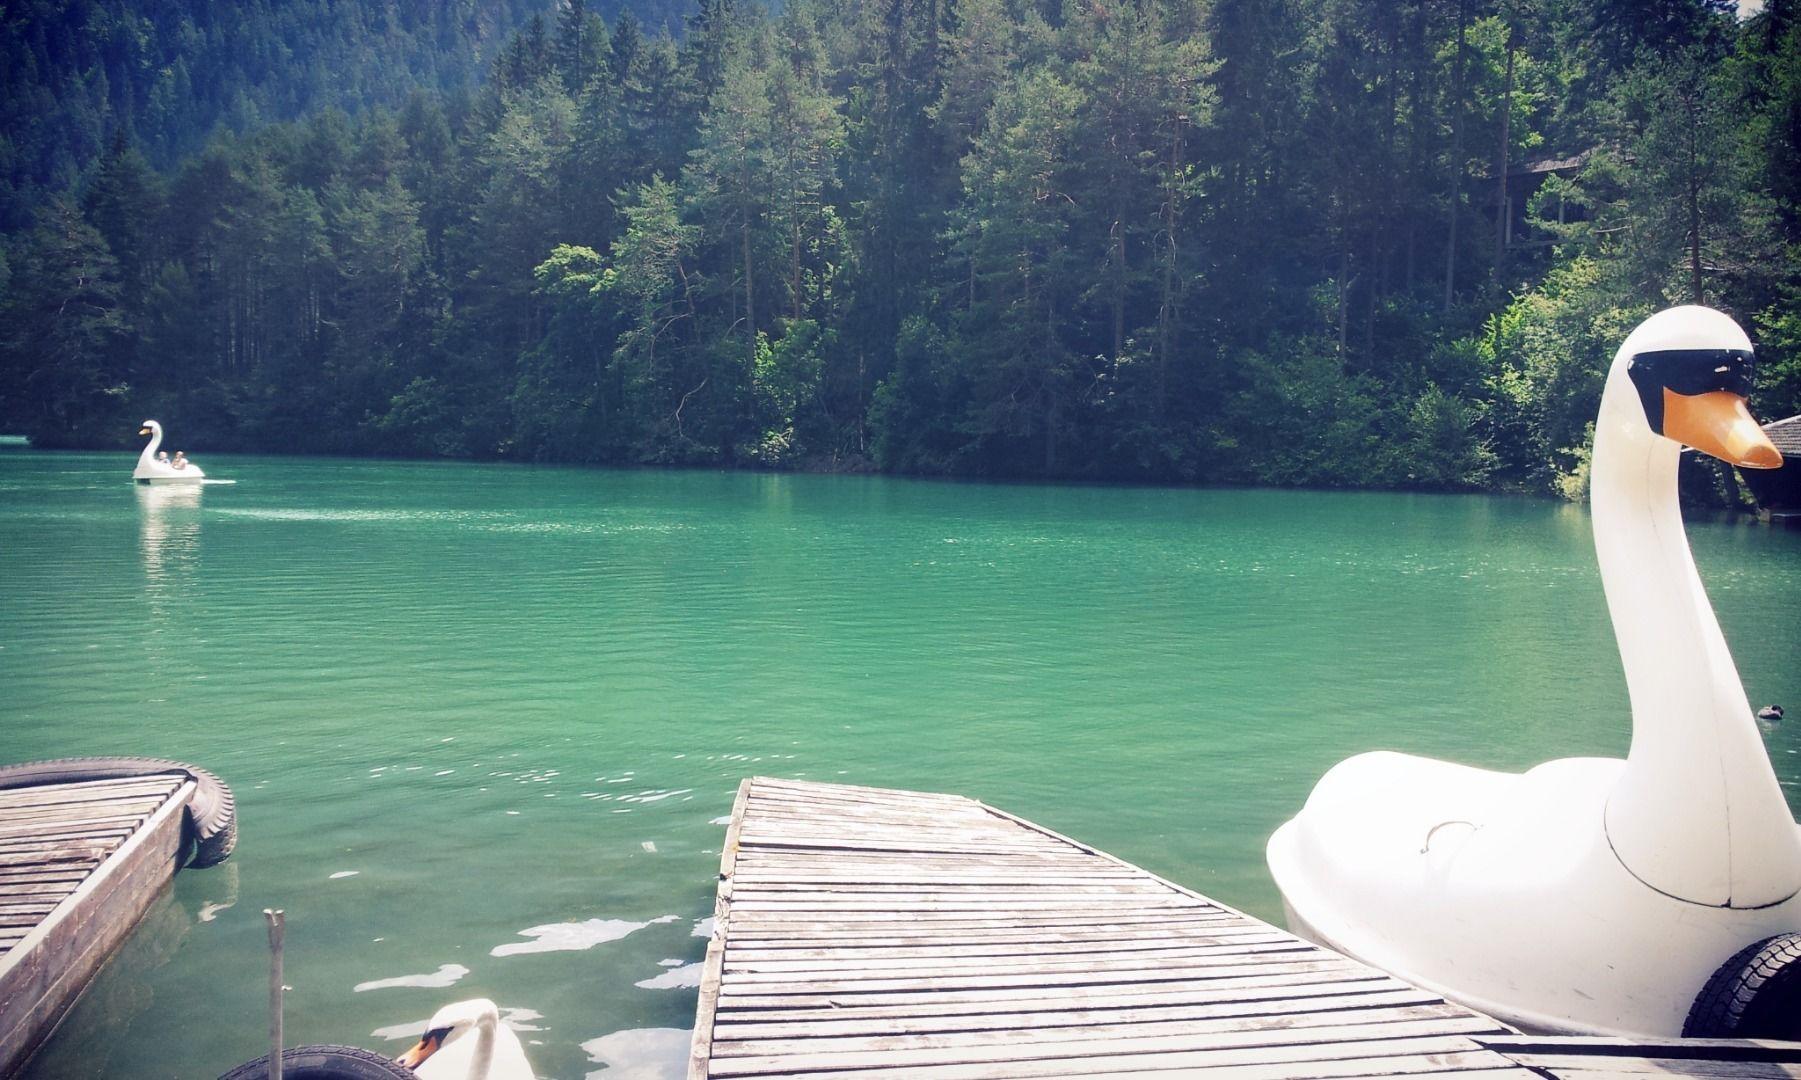 Boat rental at lake Fernsteinsee